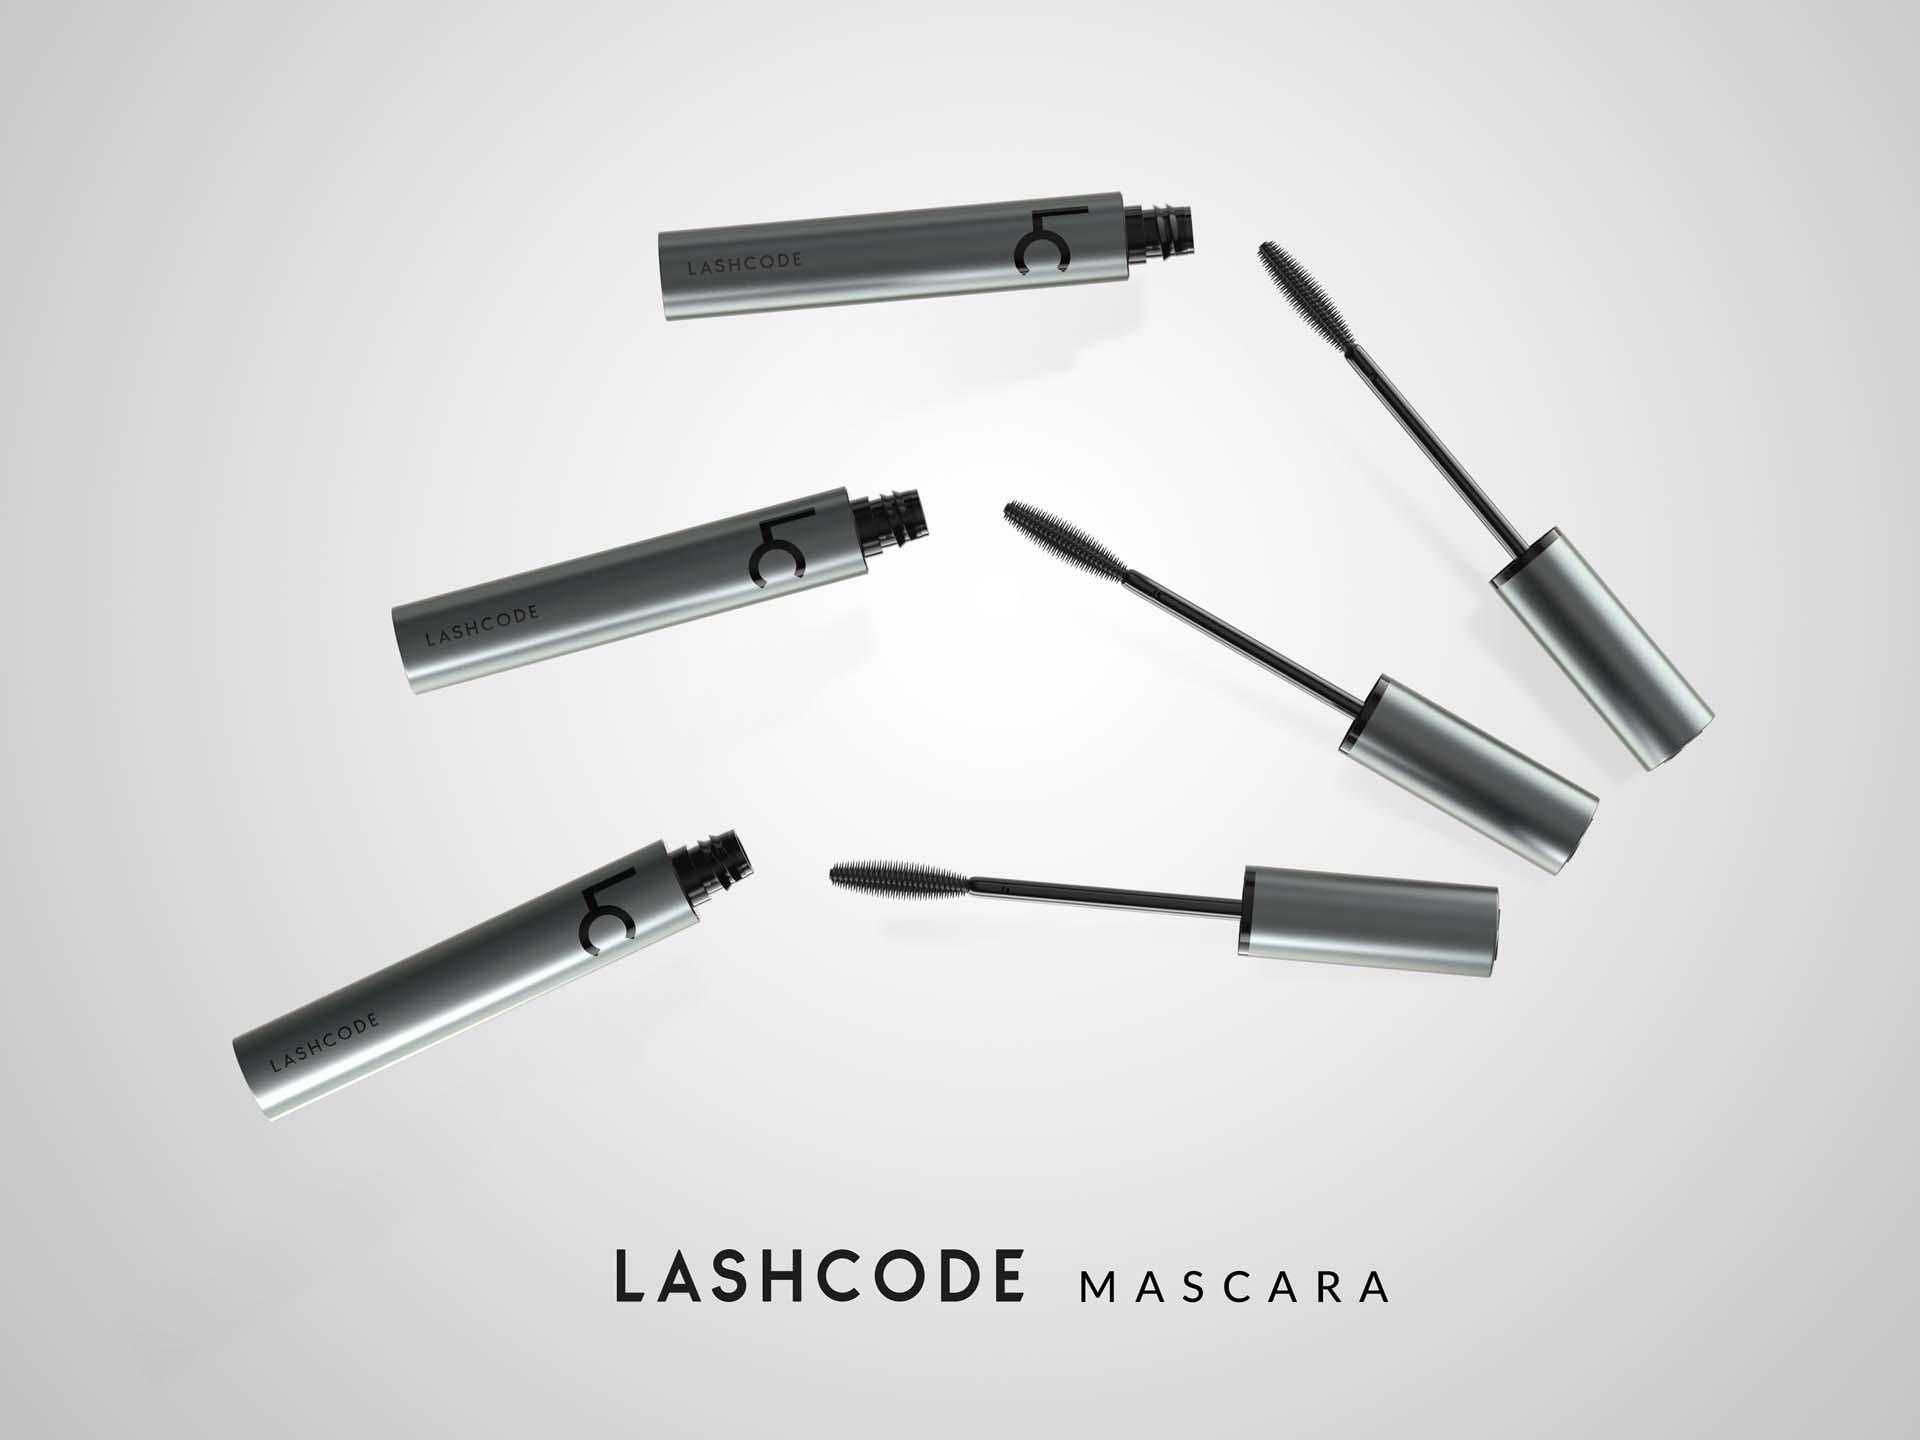 Máscara Lashcode condicionadora. Aparência cativante num piscar de olhos